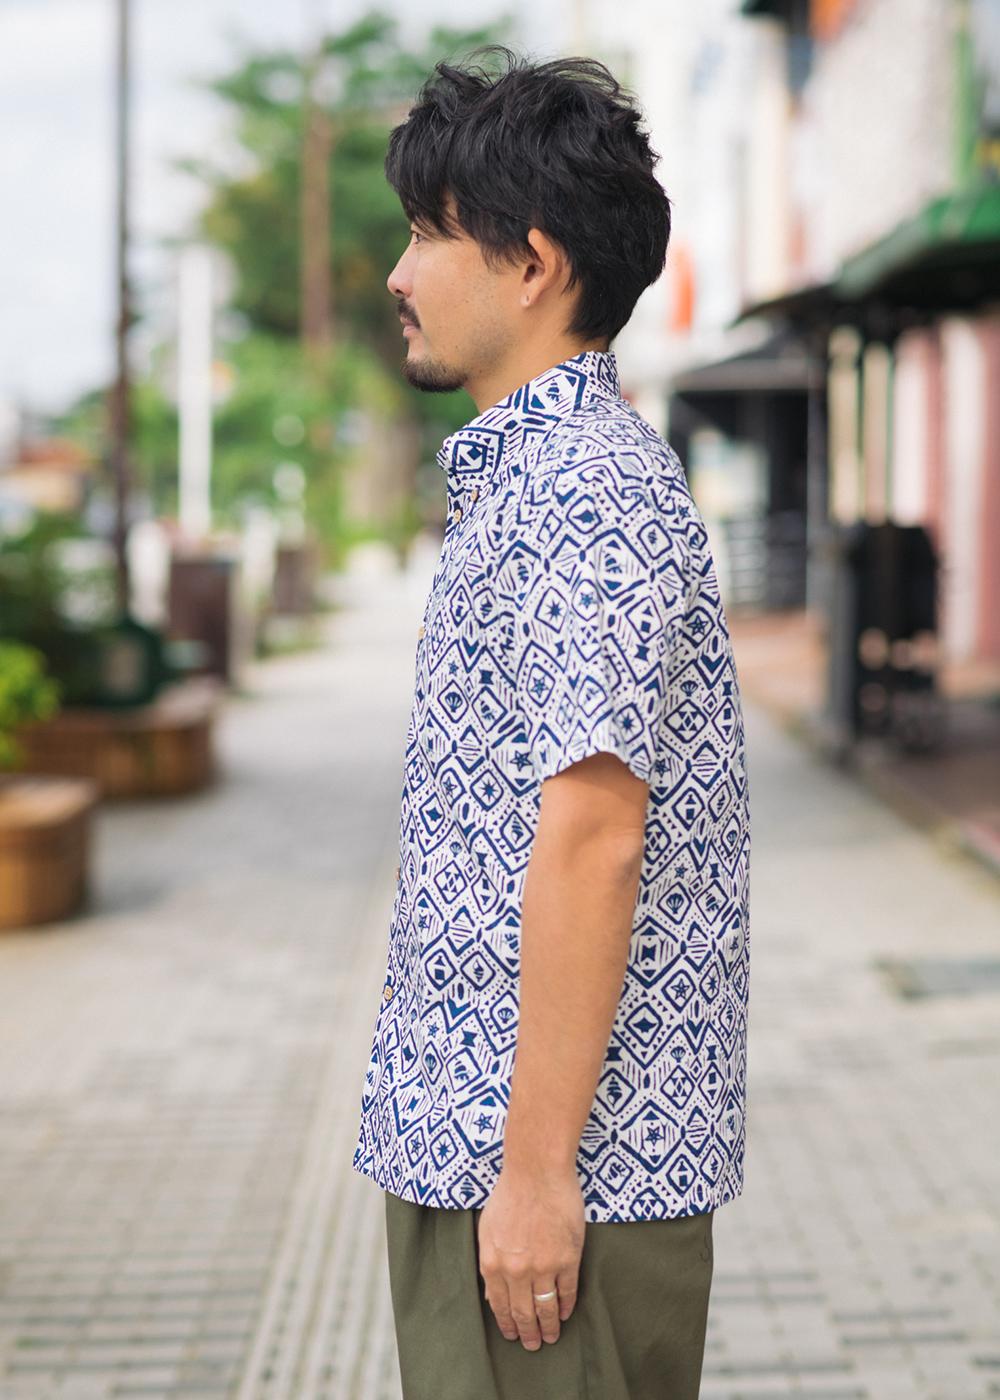 かりゆしウェア(沖縄版アロハシャツ) MAJUN - 海はづき